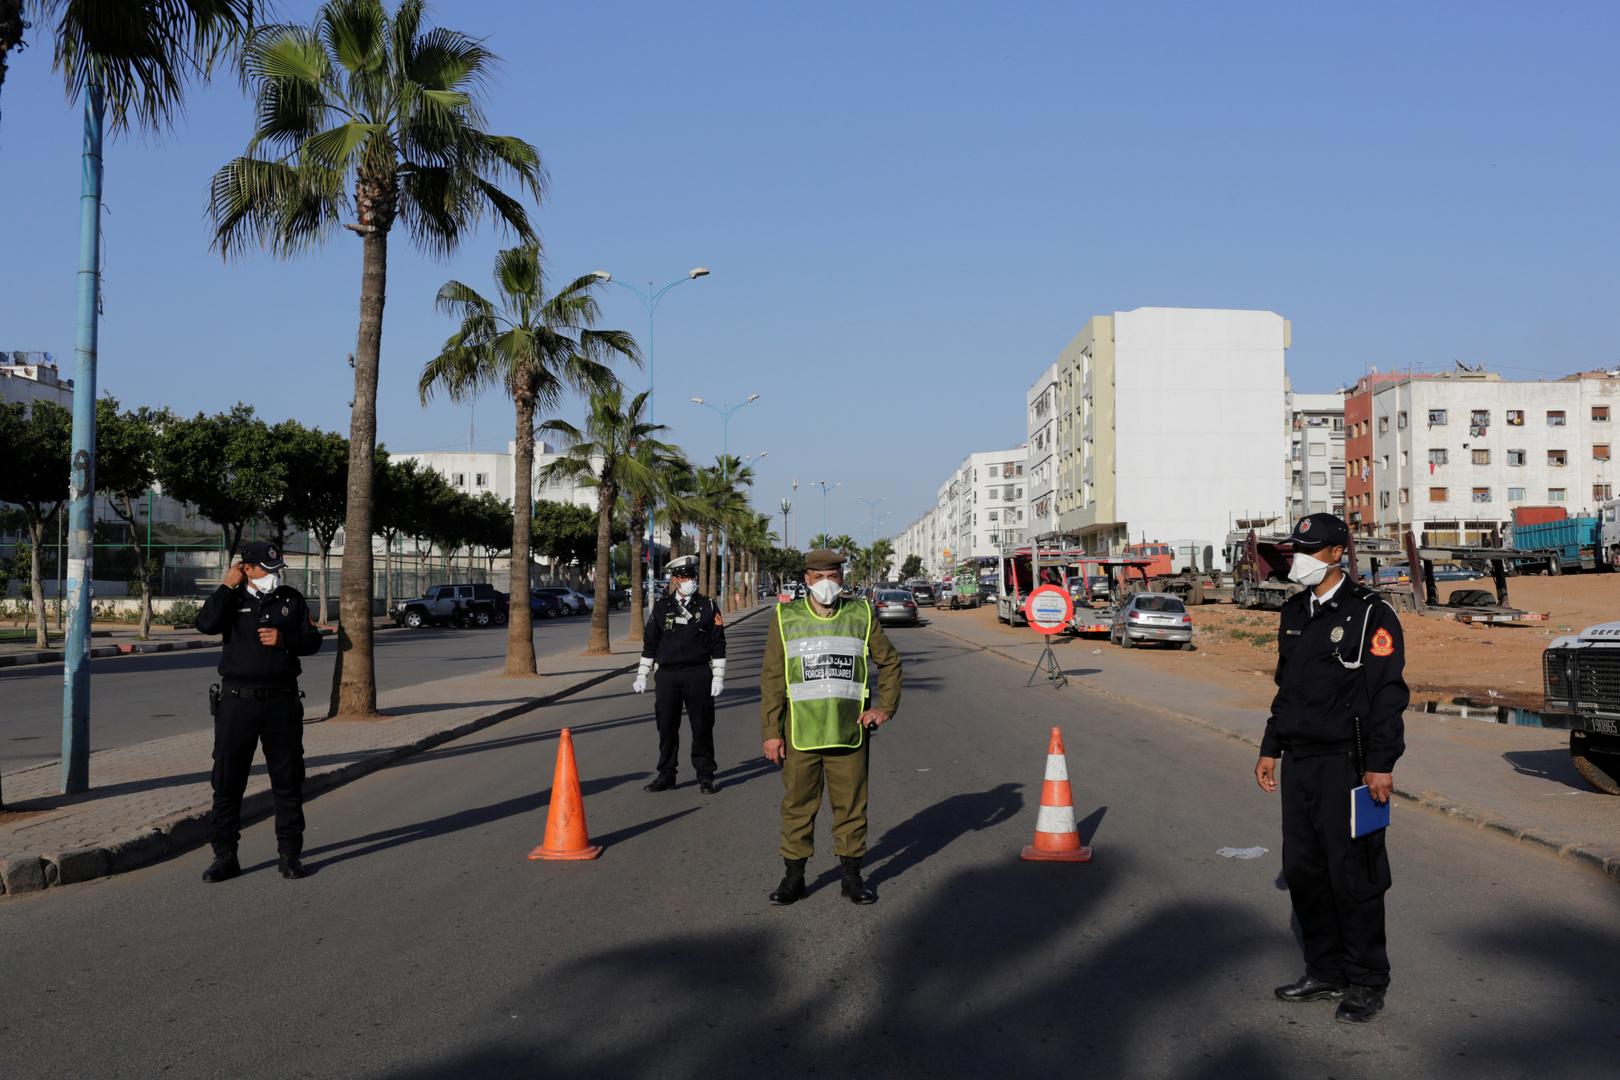 حل لغز جريمة سلا المروعة.. تفاصيل جديدة عن ذبح عائلة كاملة ورضيعها ثم حرقهم في المغرب!